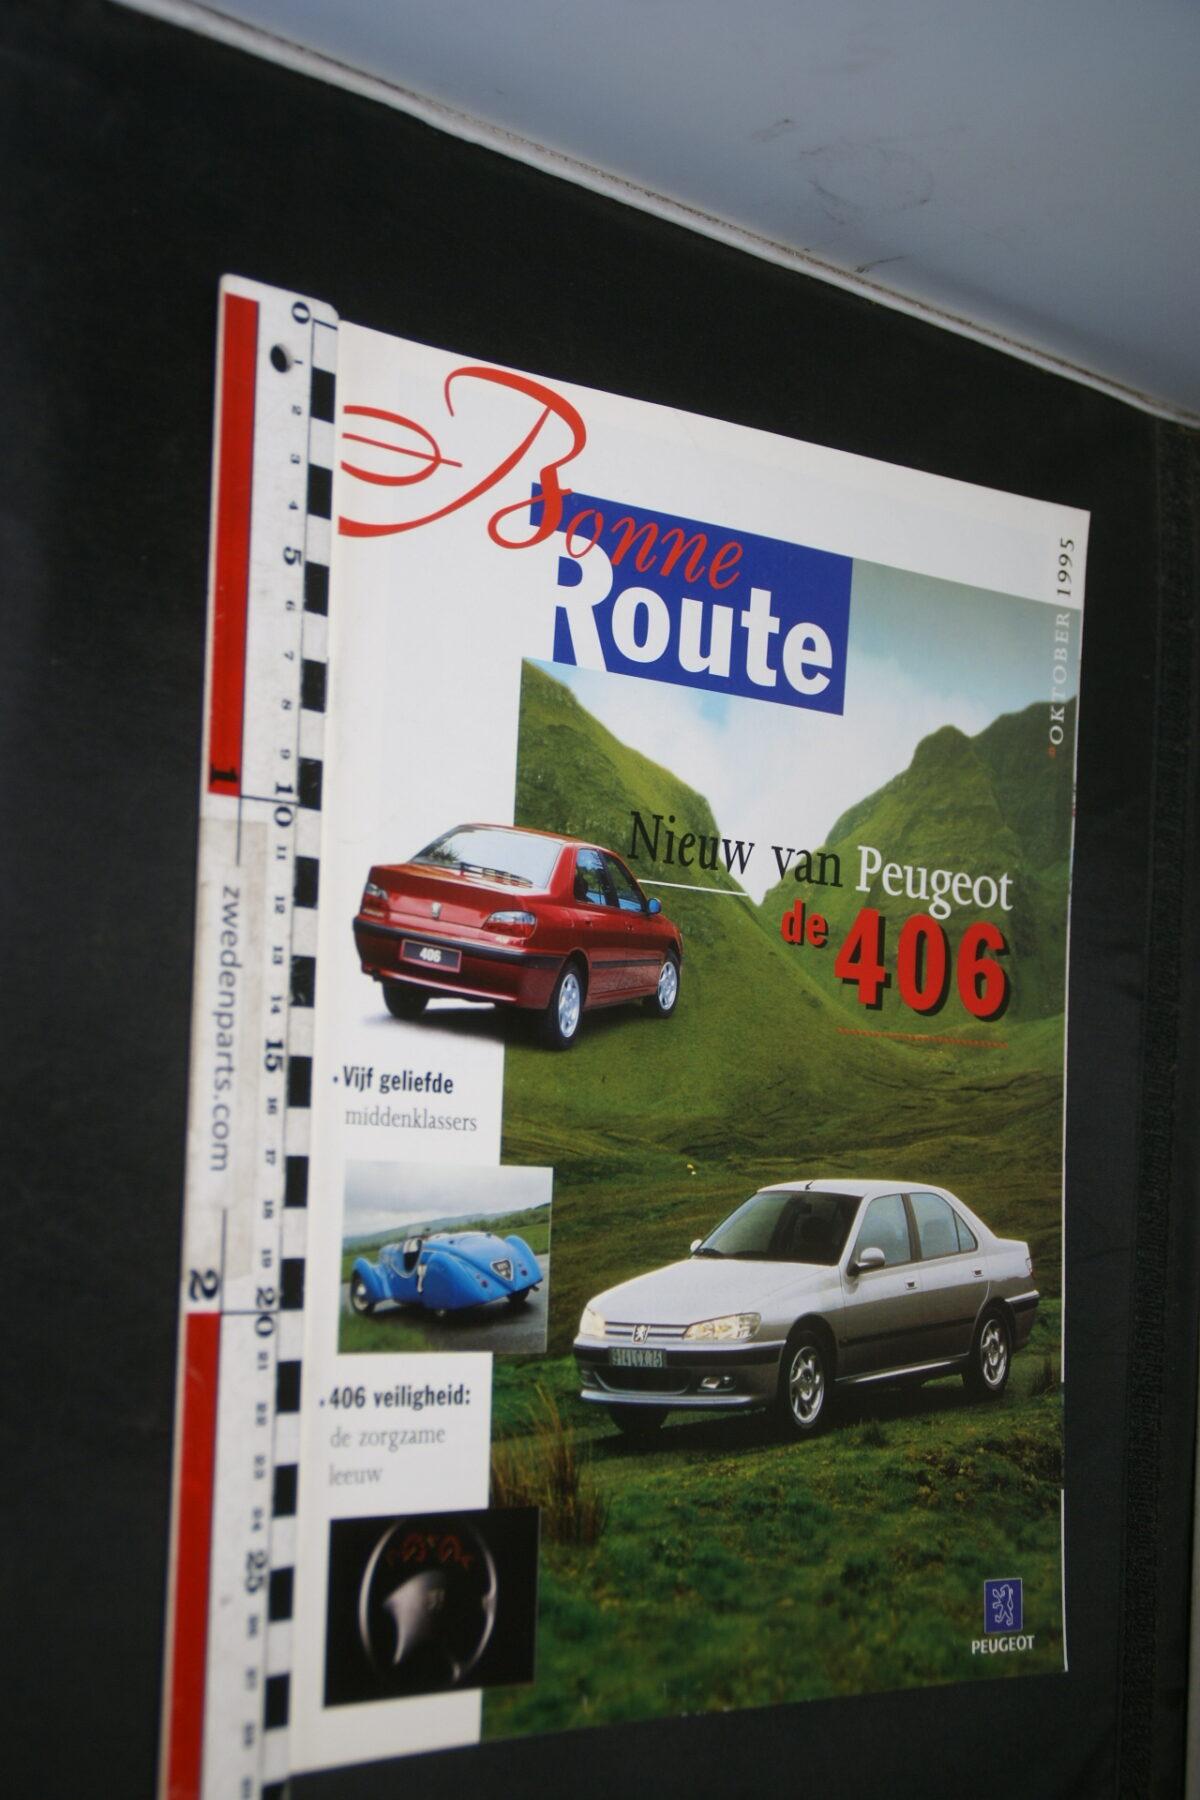 DSC08377 origineel tijdschrift Bonne Route met Renault 406-bdc0c187